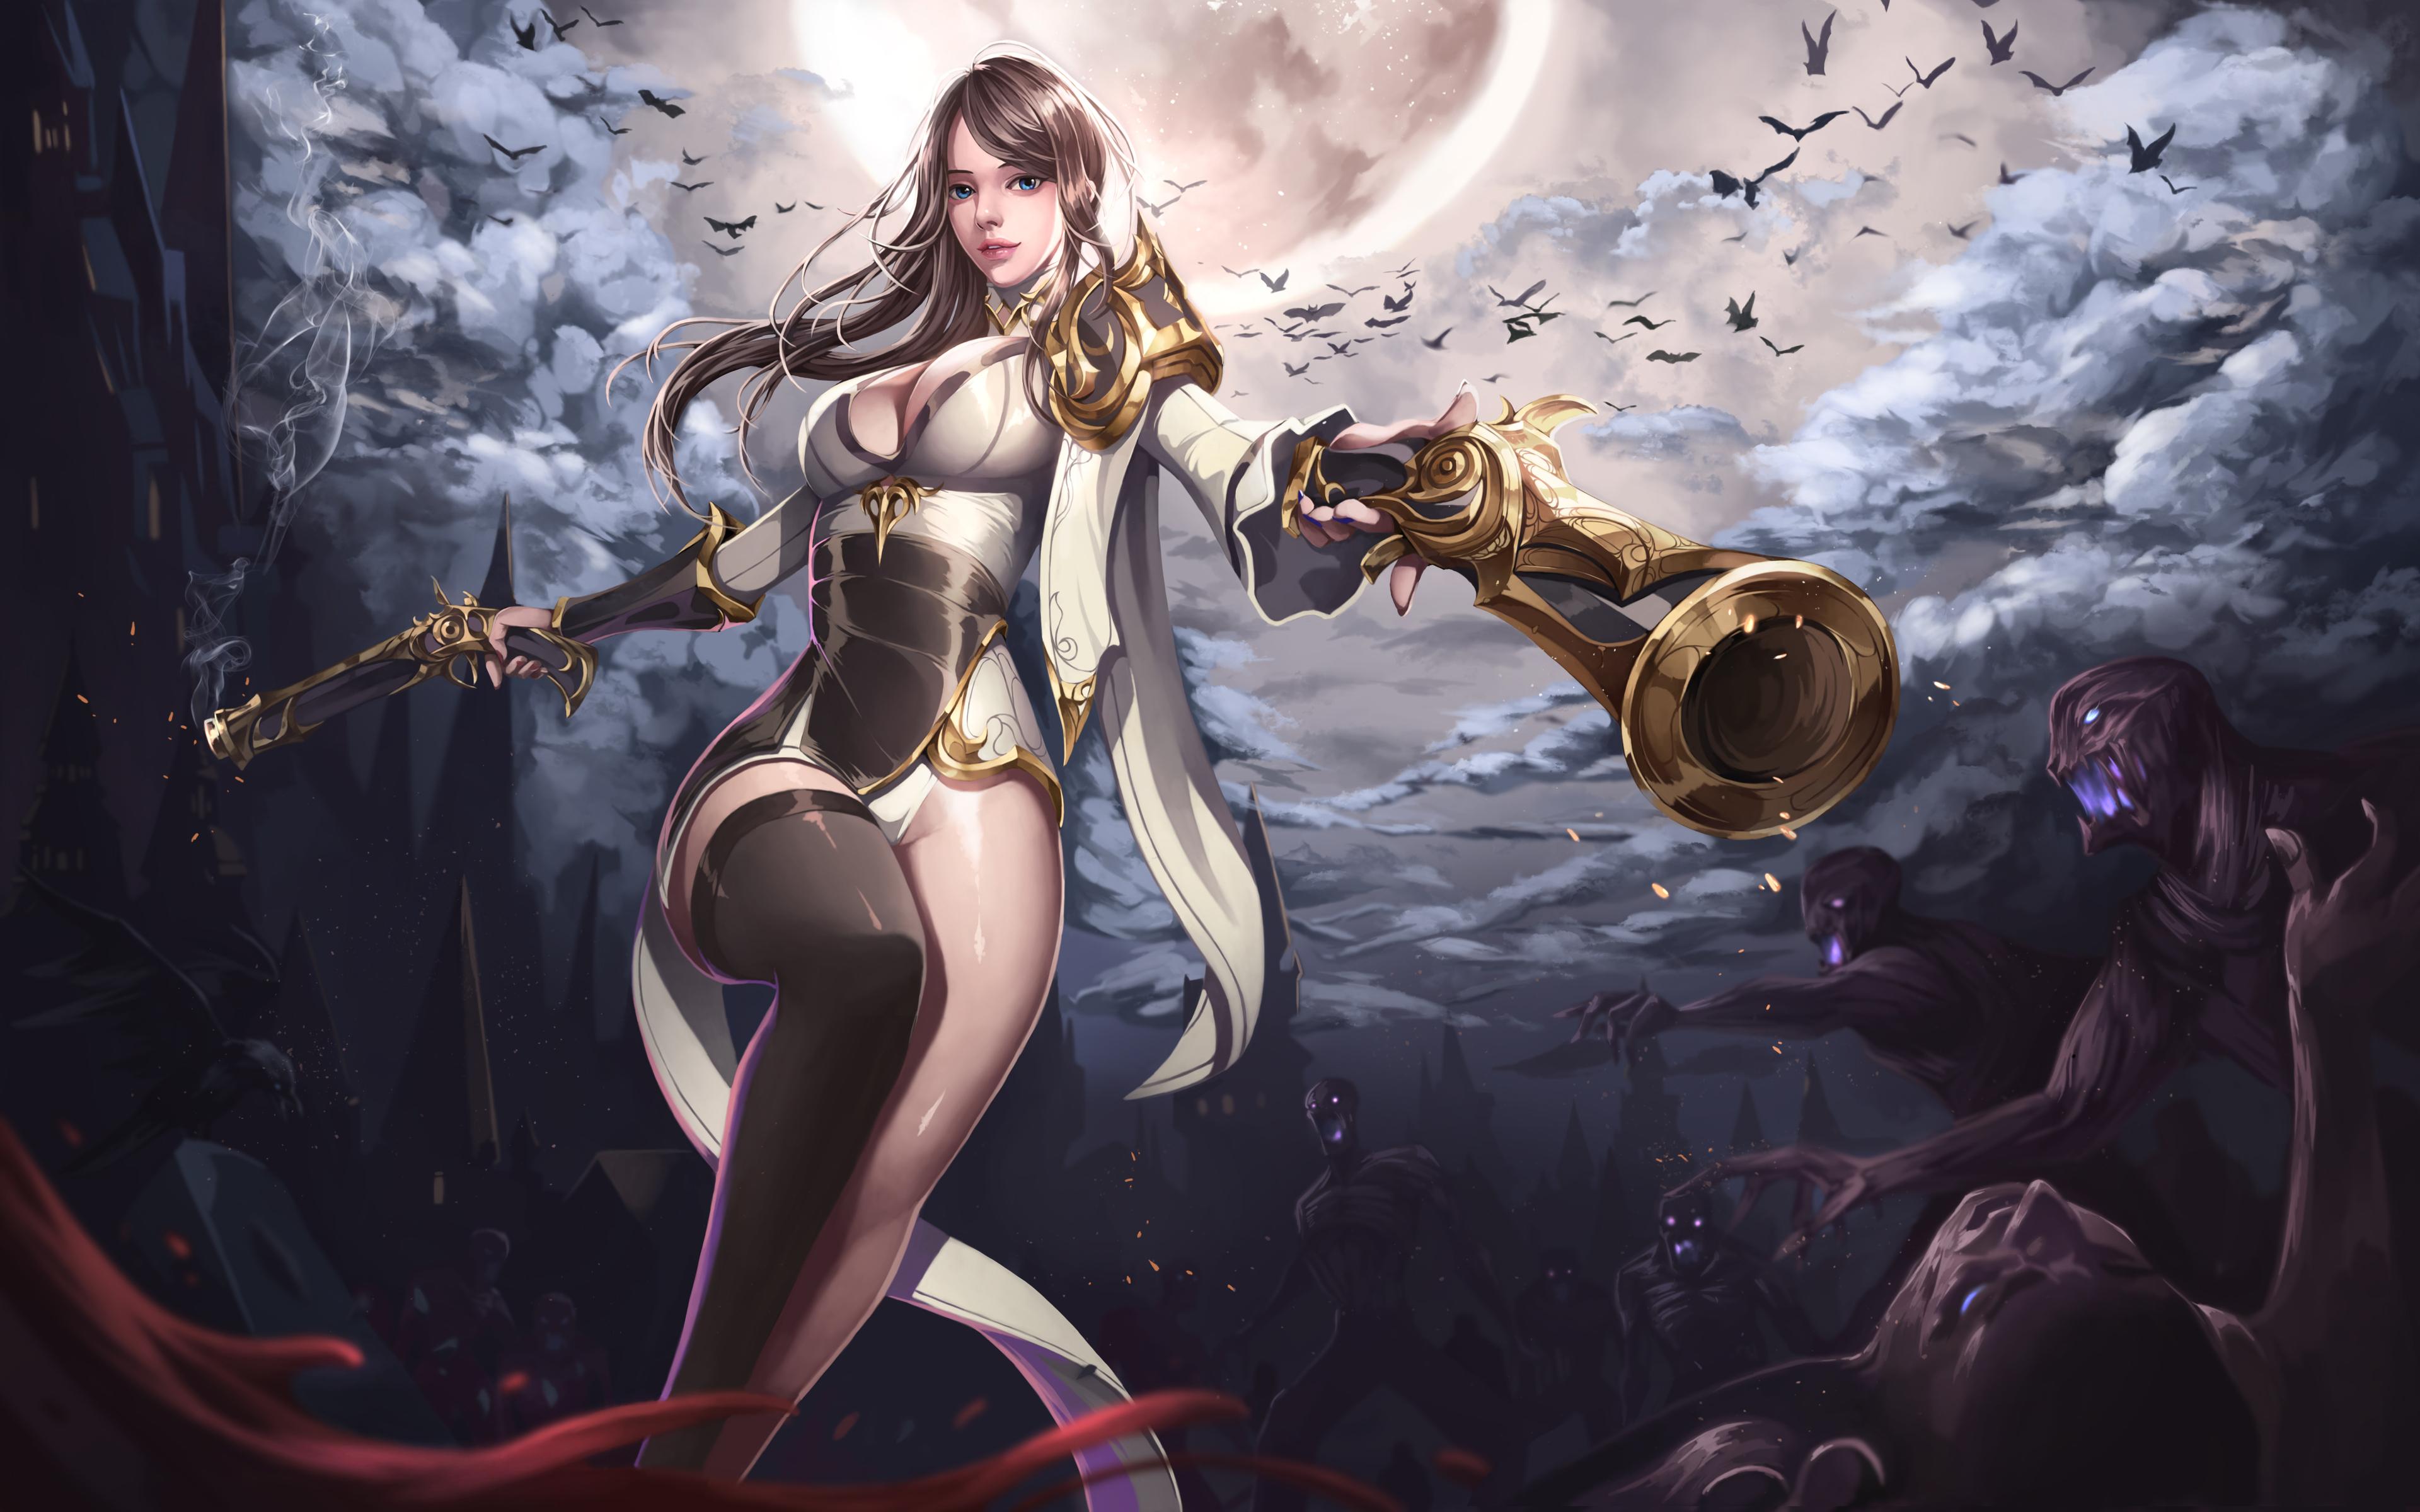 priest-fantasy-girls-5k-2z.jpg